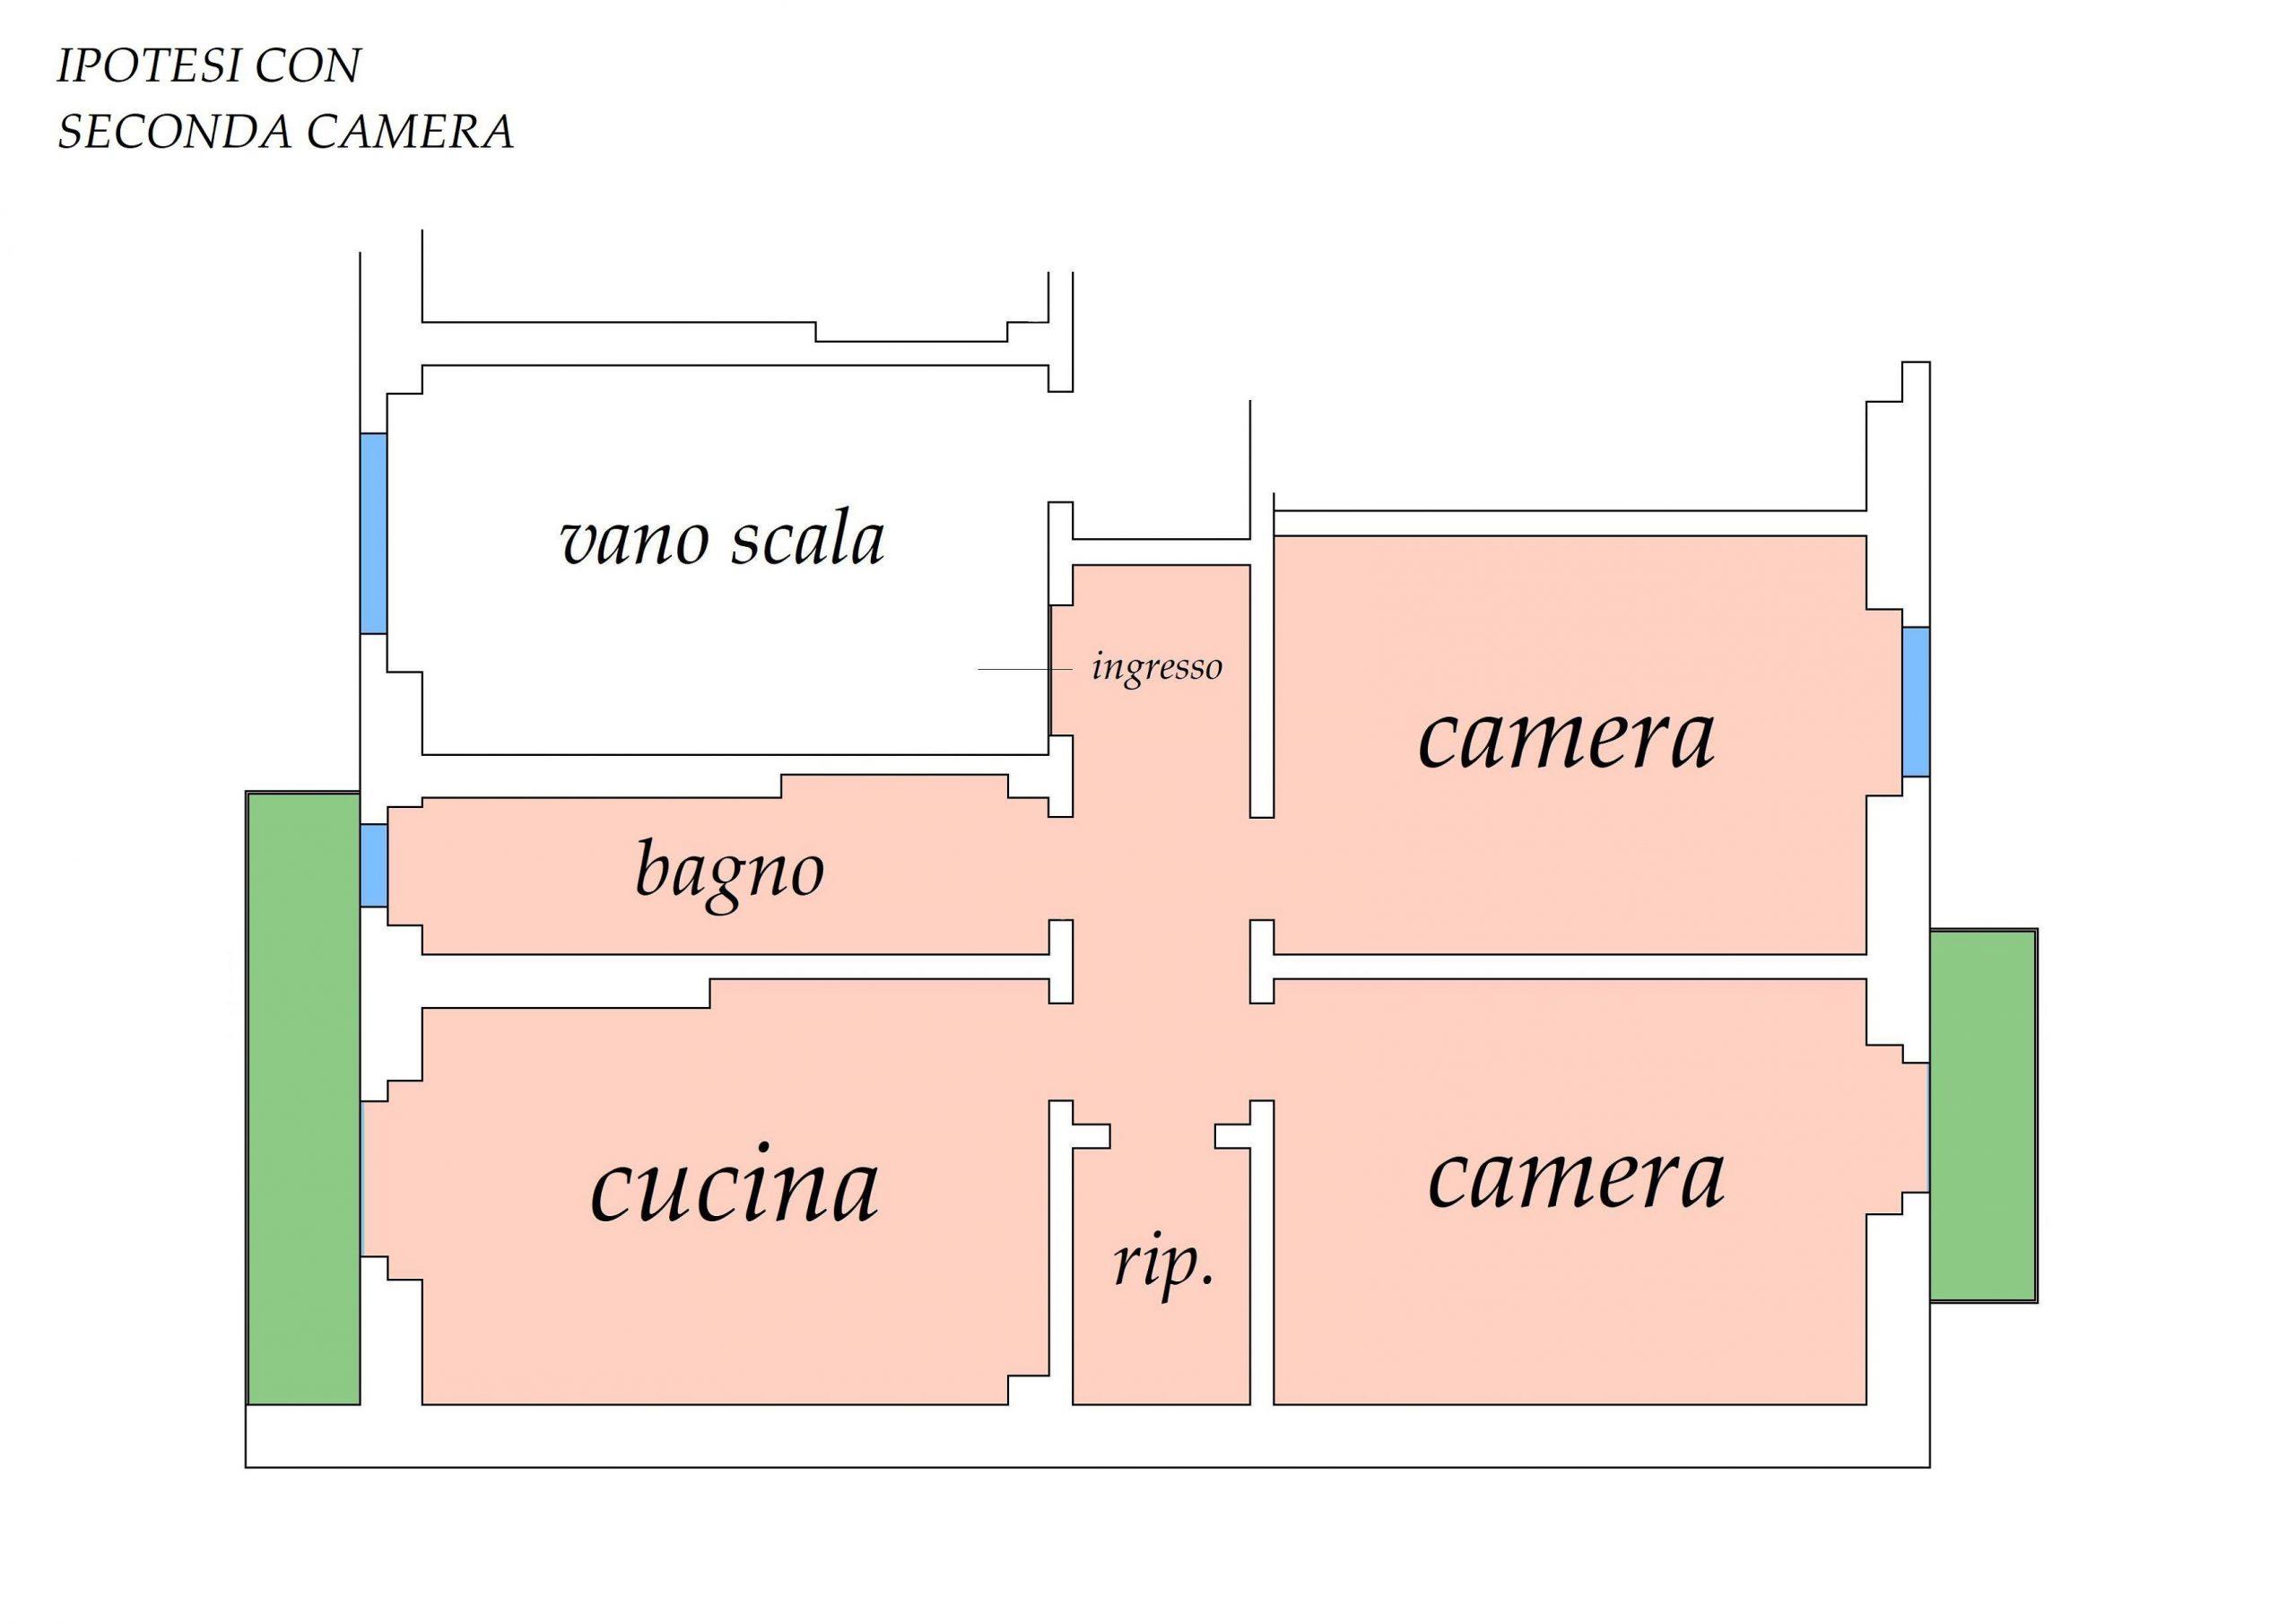 Planimetria con ipotesi seconda camera